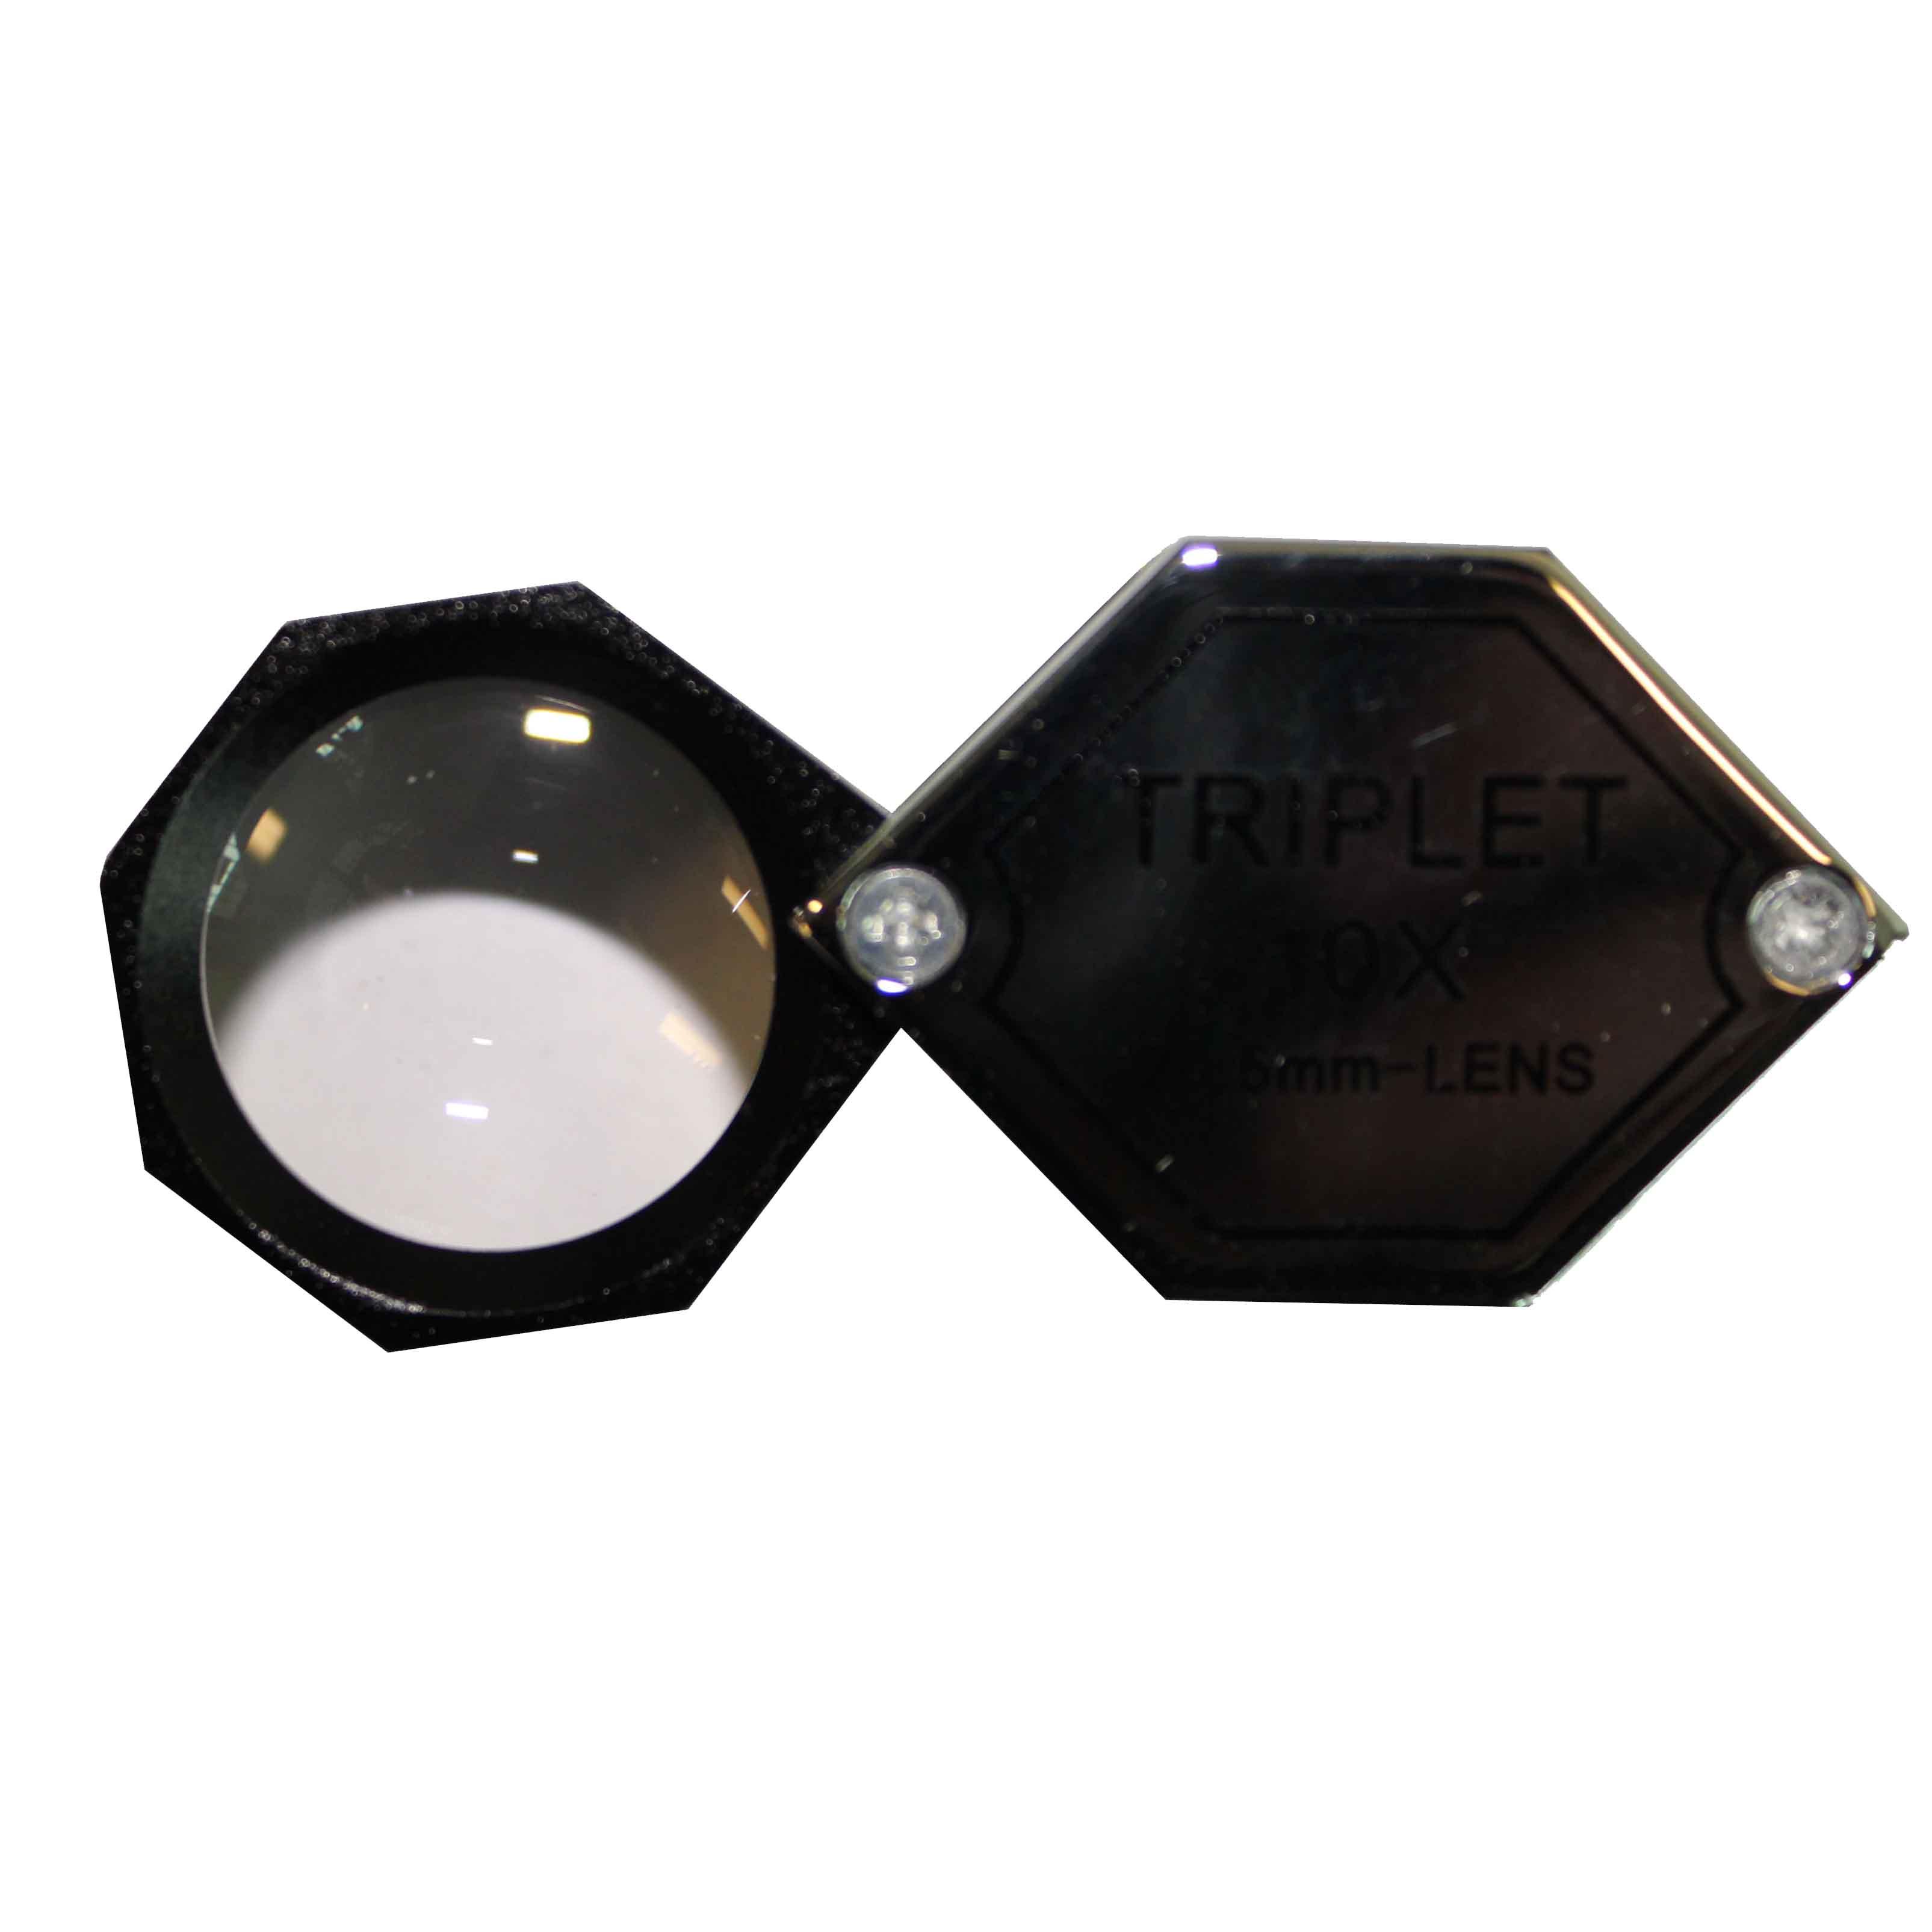 LXQ10xT B Triplet Magnifier